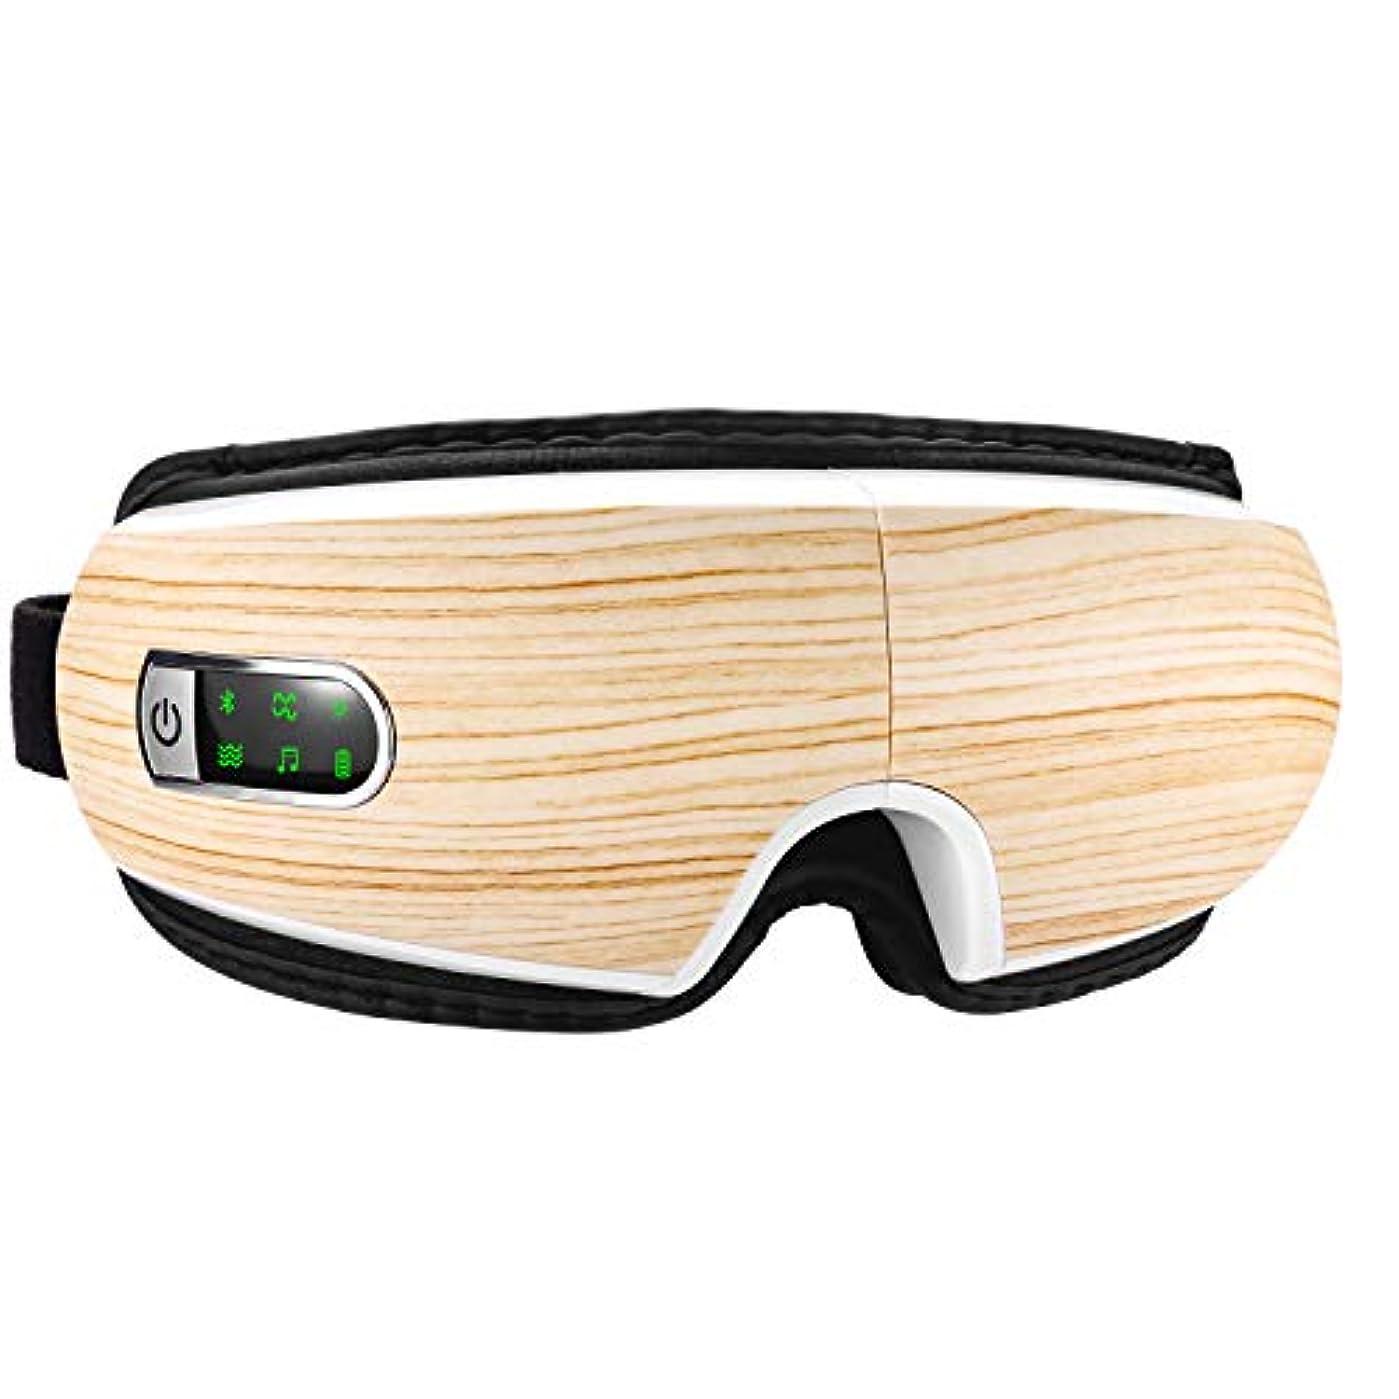 ショートカット公爵欲しいです目マッサージ器 目元エステ 目元美顔器 ホットアイマスク 快眠グッズ 振動機能 音楽機能 USB充電式 タイマー機能 アイマスク